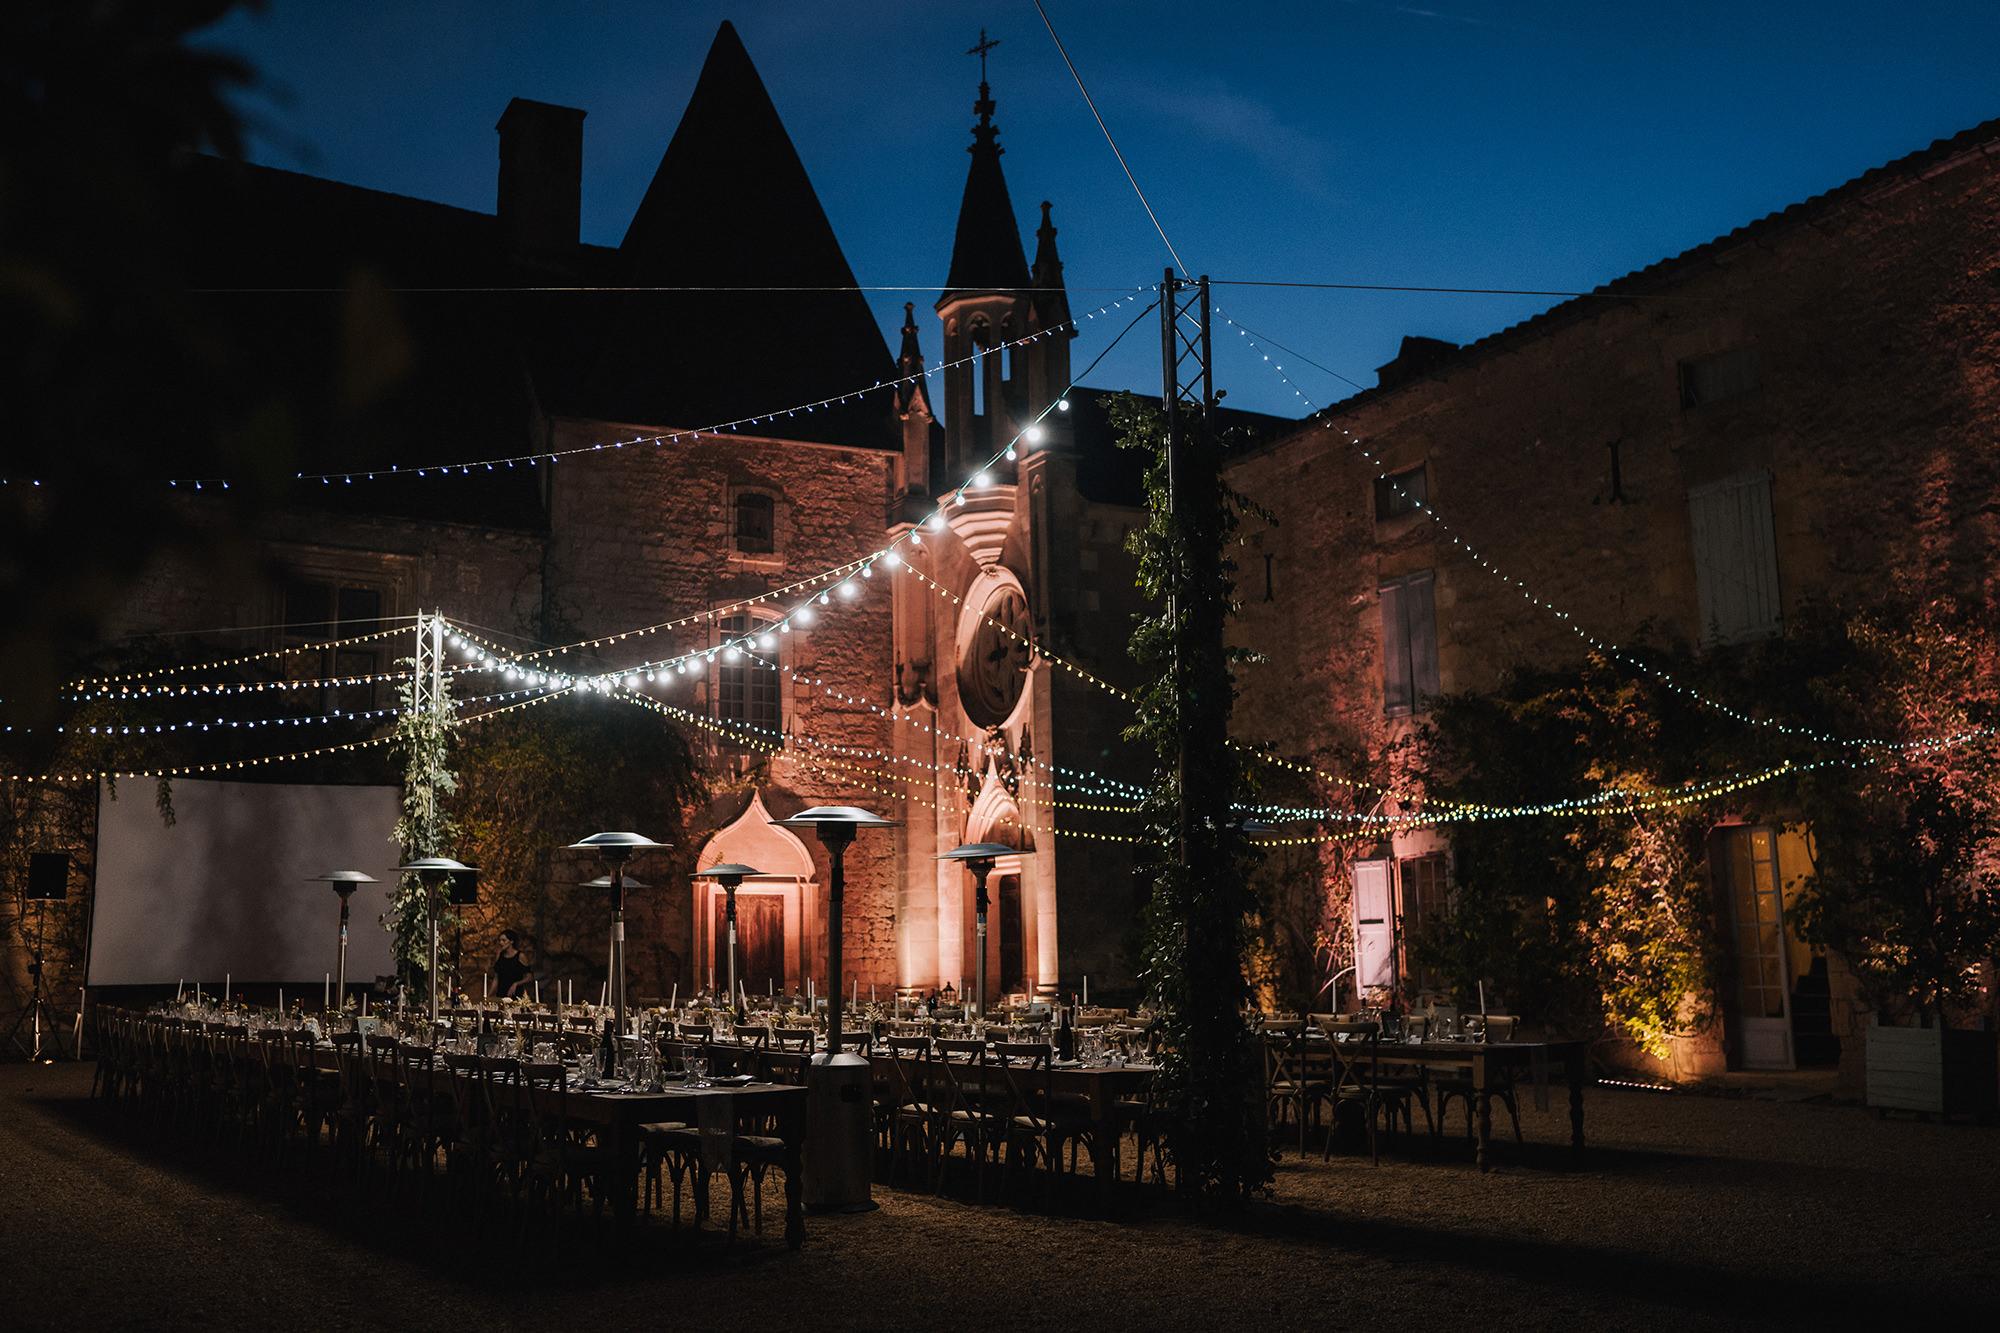 Wedding_dordogne_chateau-de-la-bourlie_neupapphotography_estelle+jeremie-856.jpg